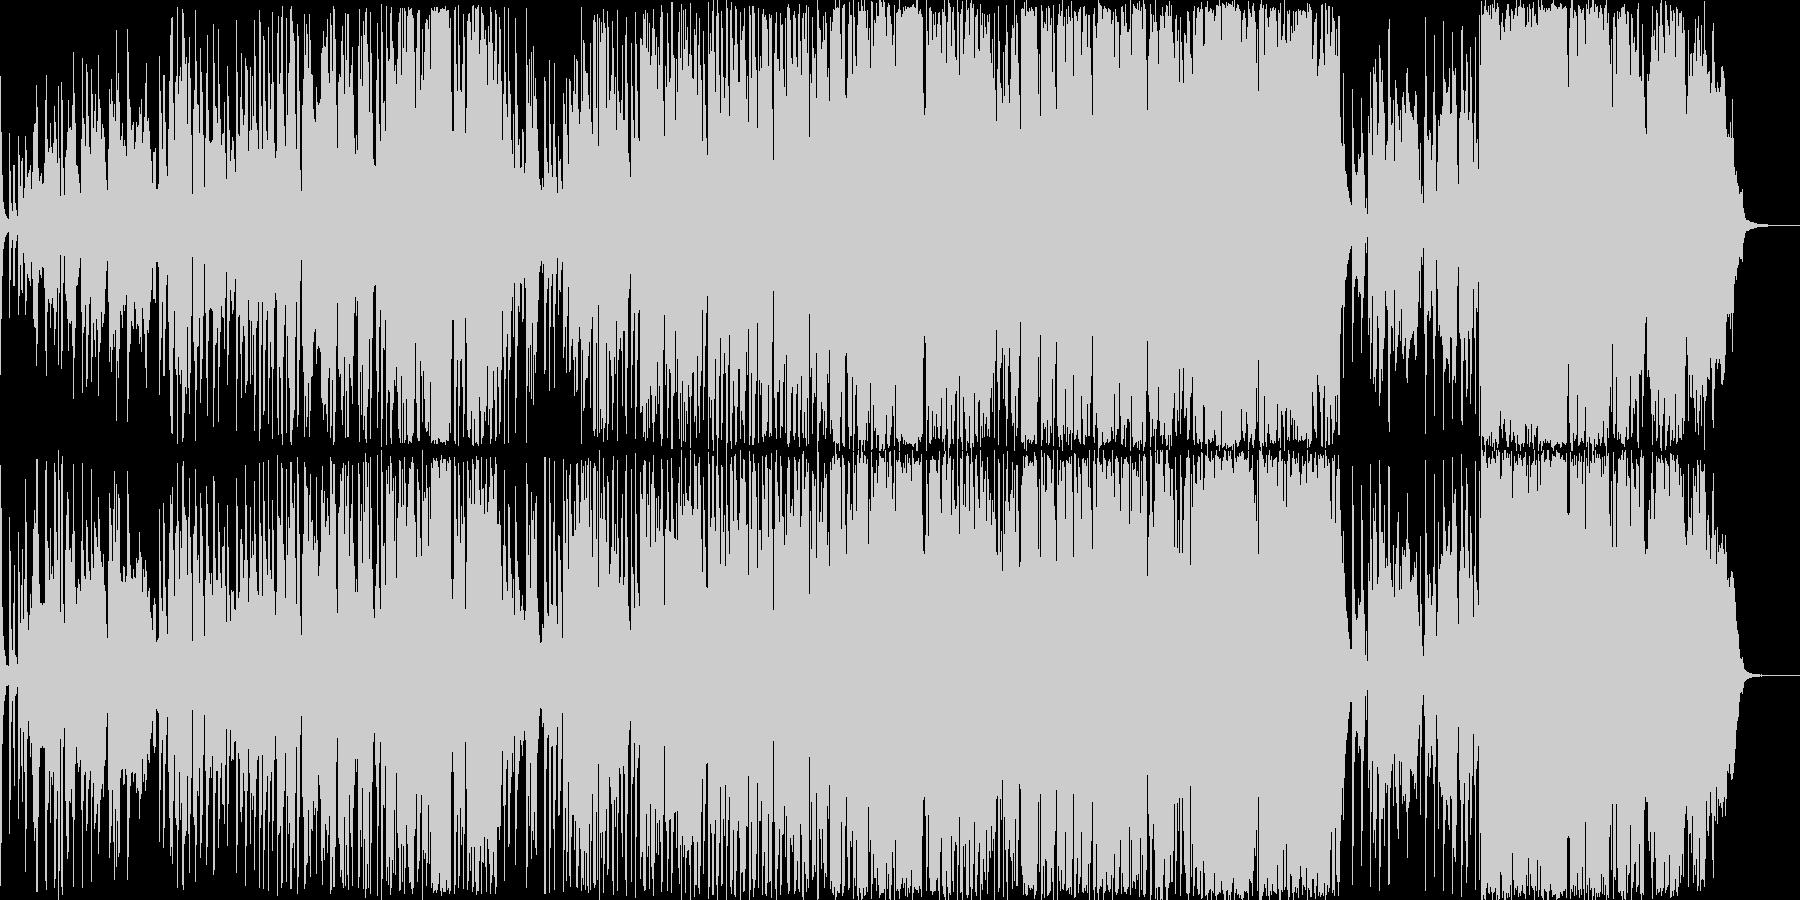 冬を思わせる切ないピアノ系ラブバラードの未再生の波形